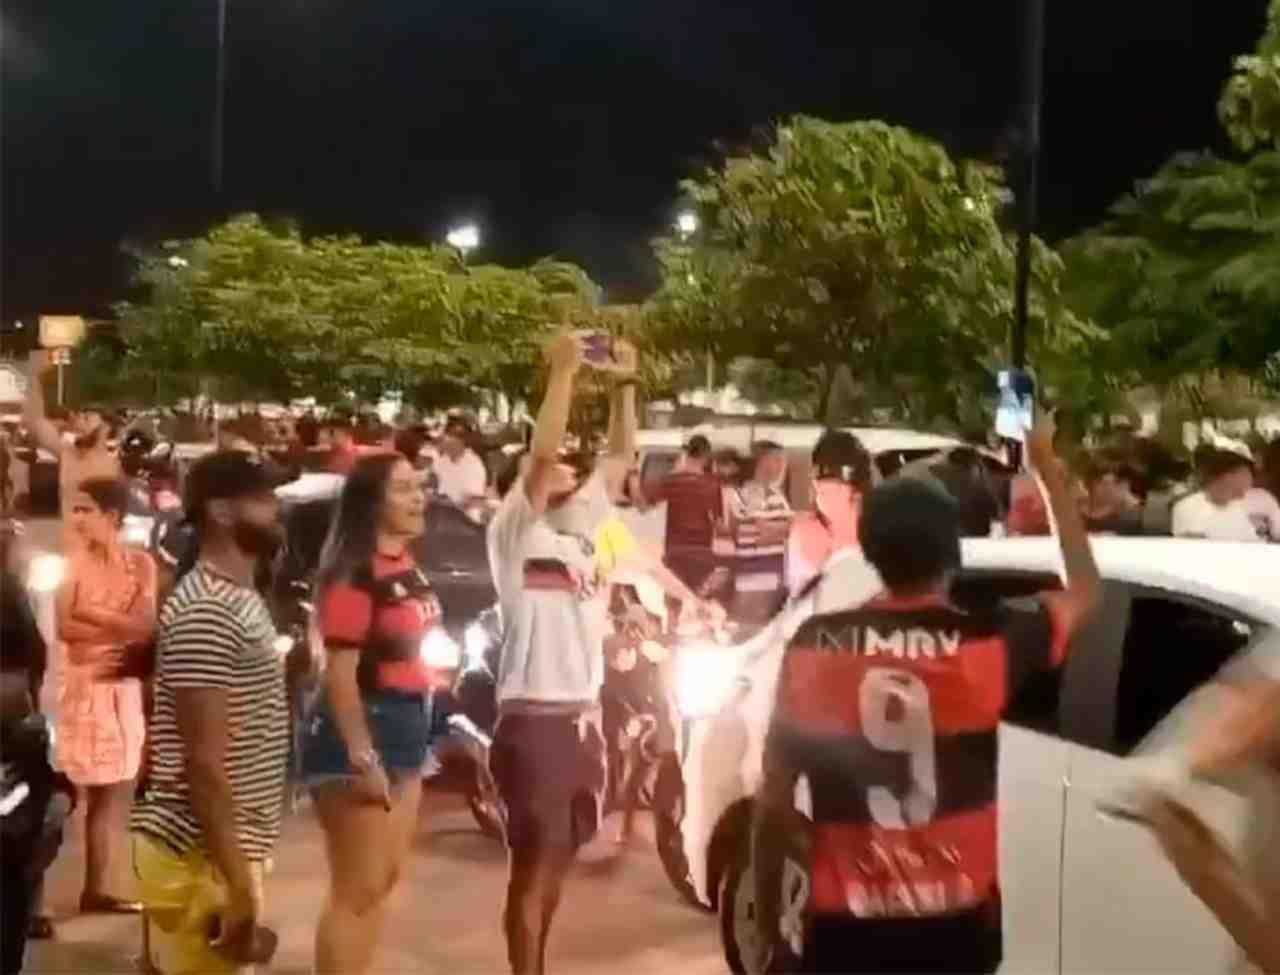 Torcedores do Flamengo após resultado do Campeonato Brasileiro — © Reprodução